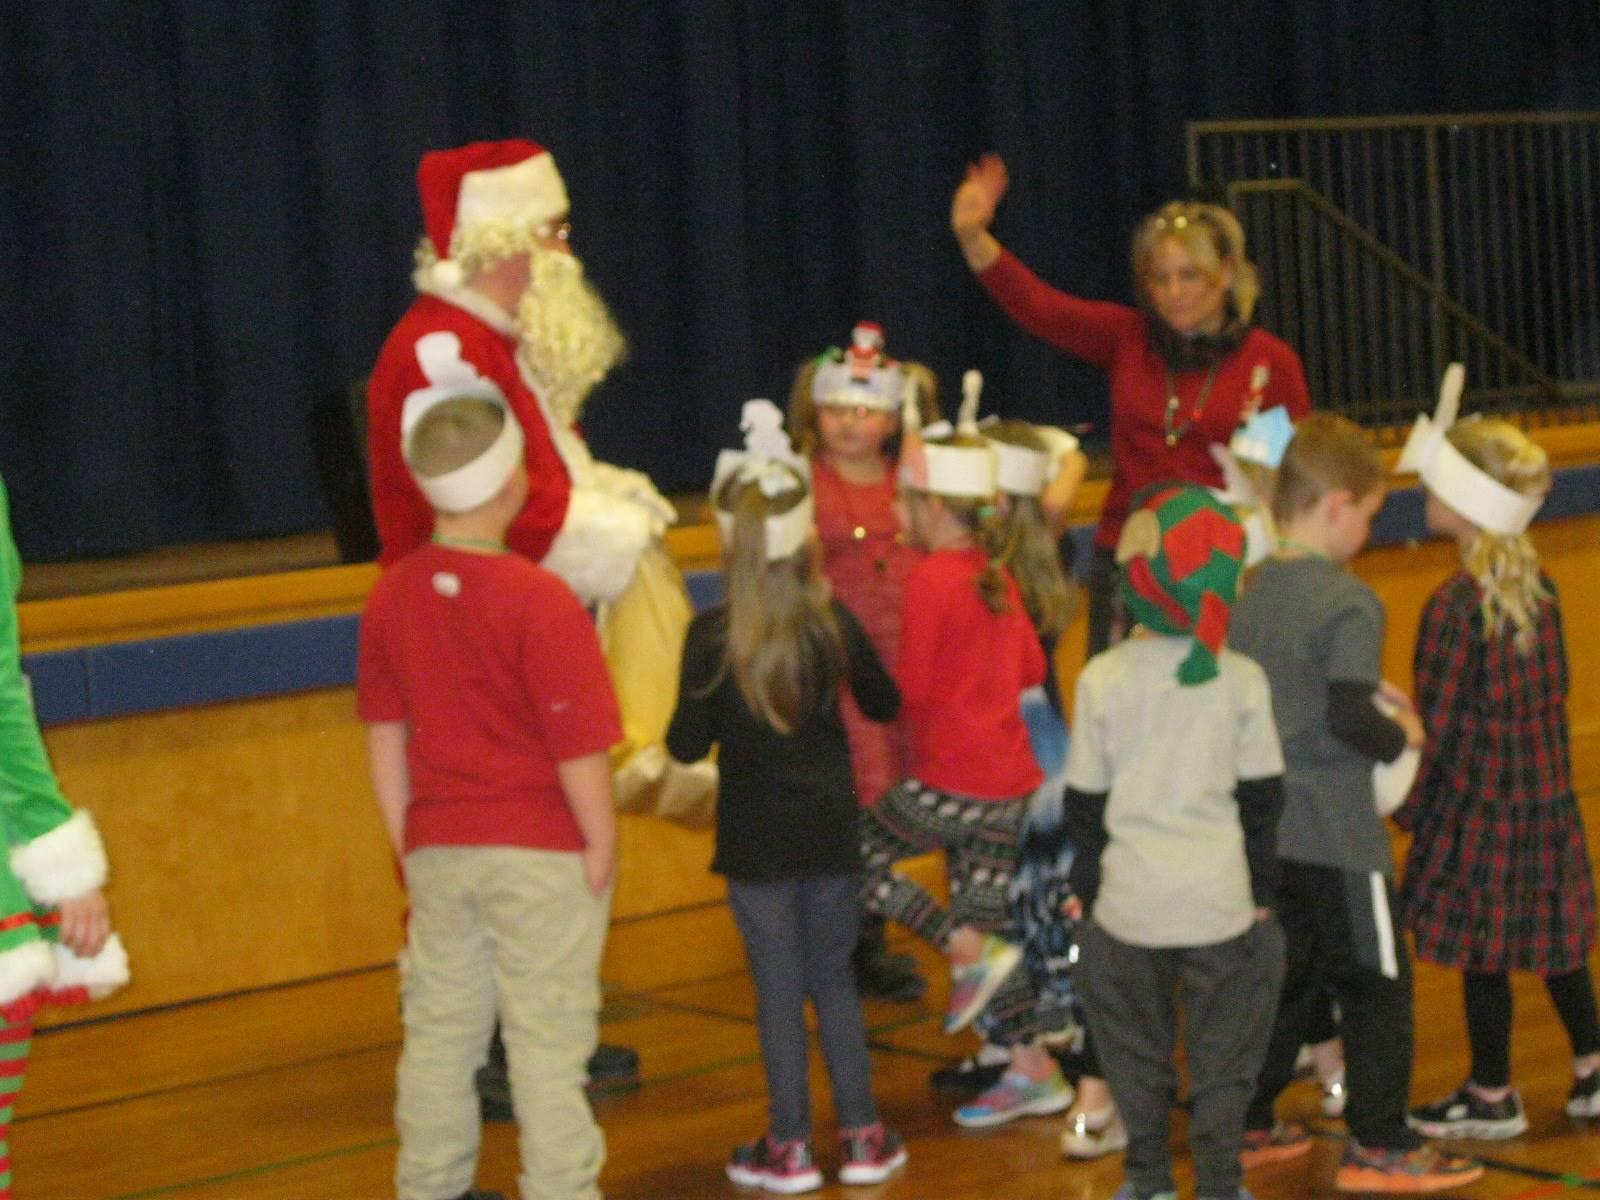 Santa gives gifts to kids.